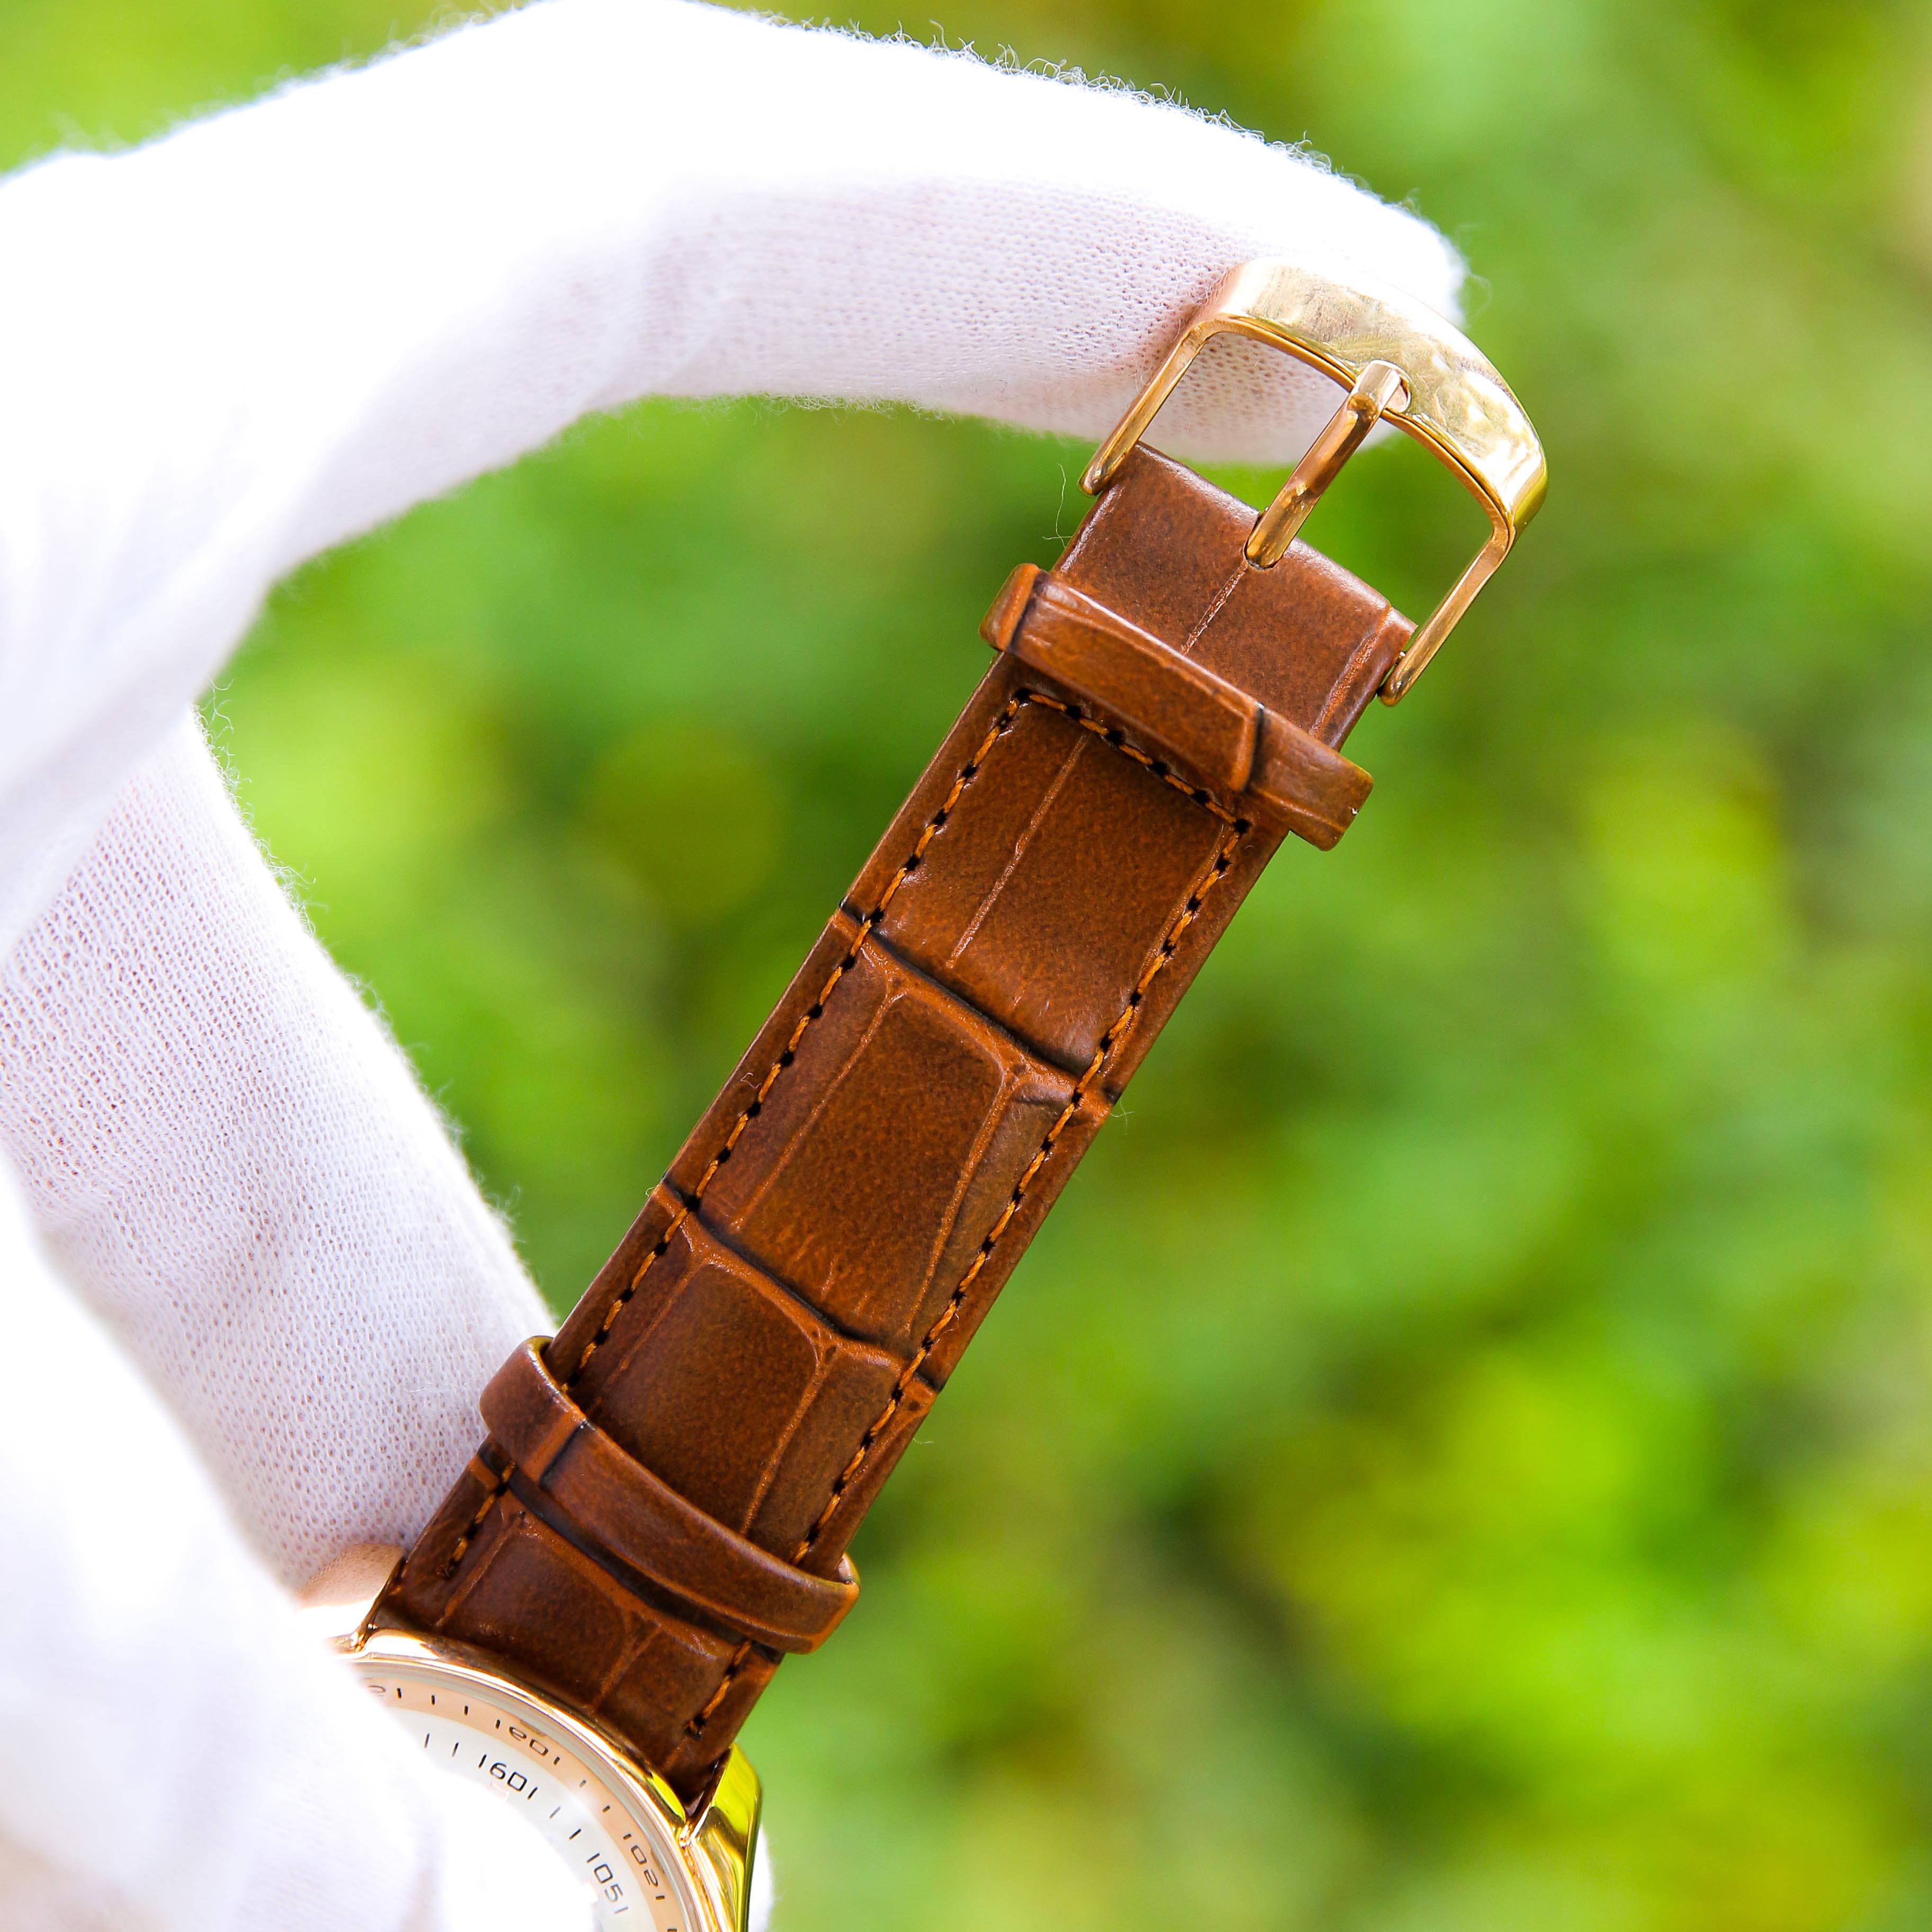 Đồng hồ nam dây da cao cấp – Thiết kế sang trọng, lịch lãm – Mặt kính cứng chống xước, chống nước hiệu quả - OM003207